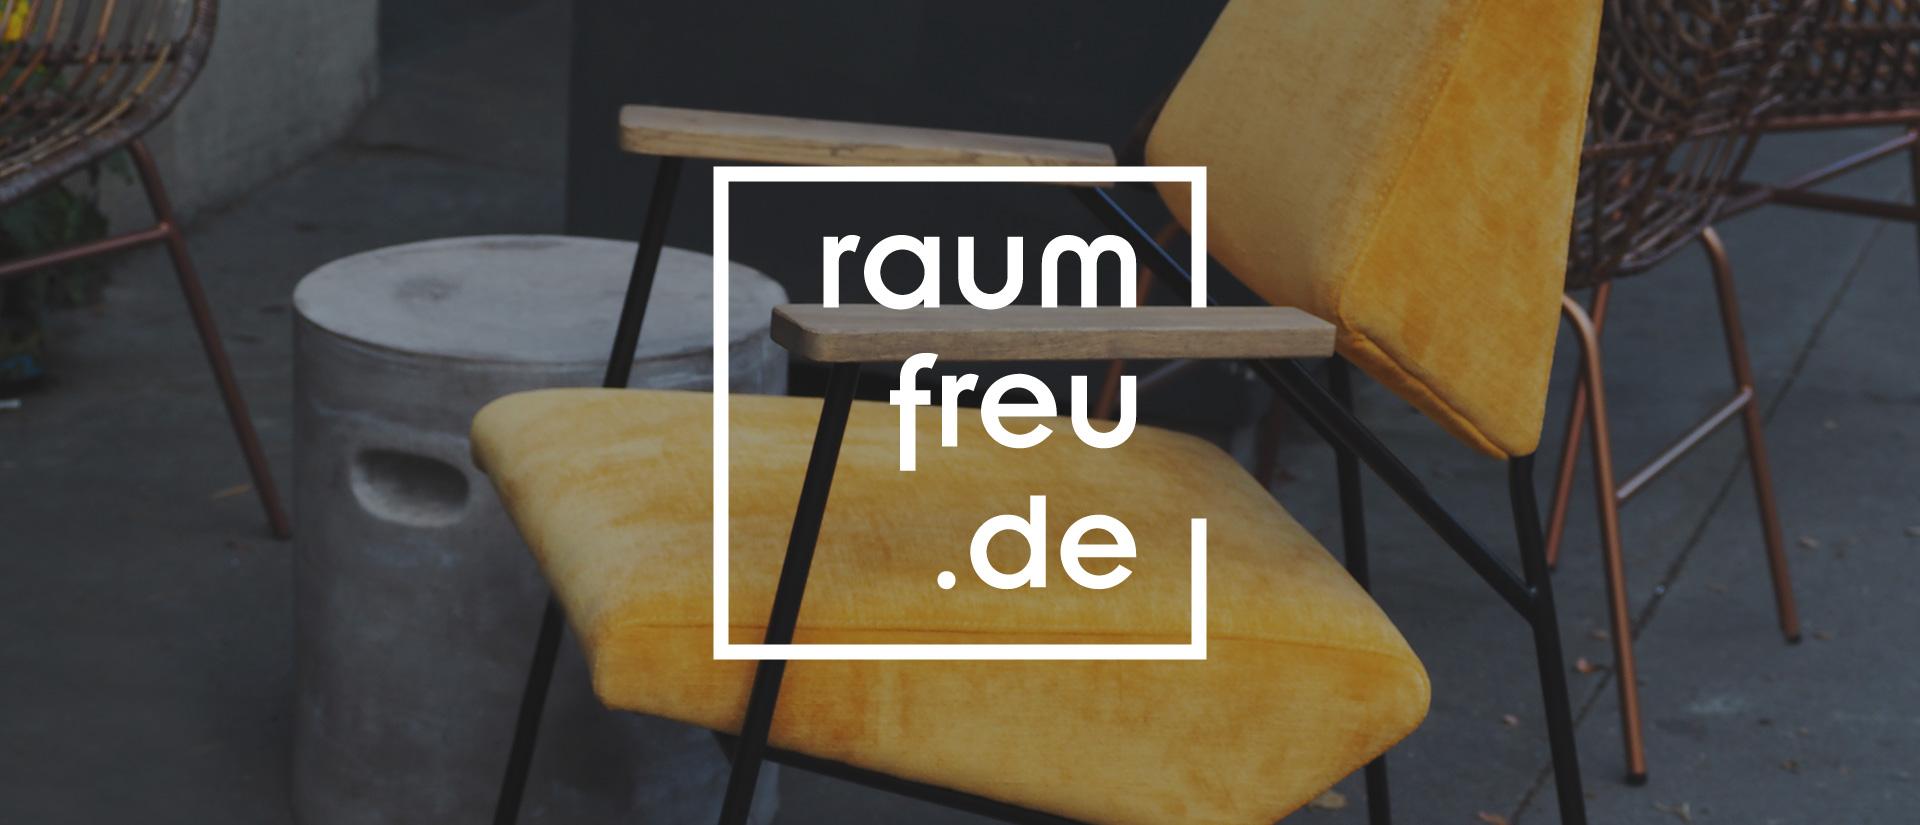 raumfreu.de_kennenlernen